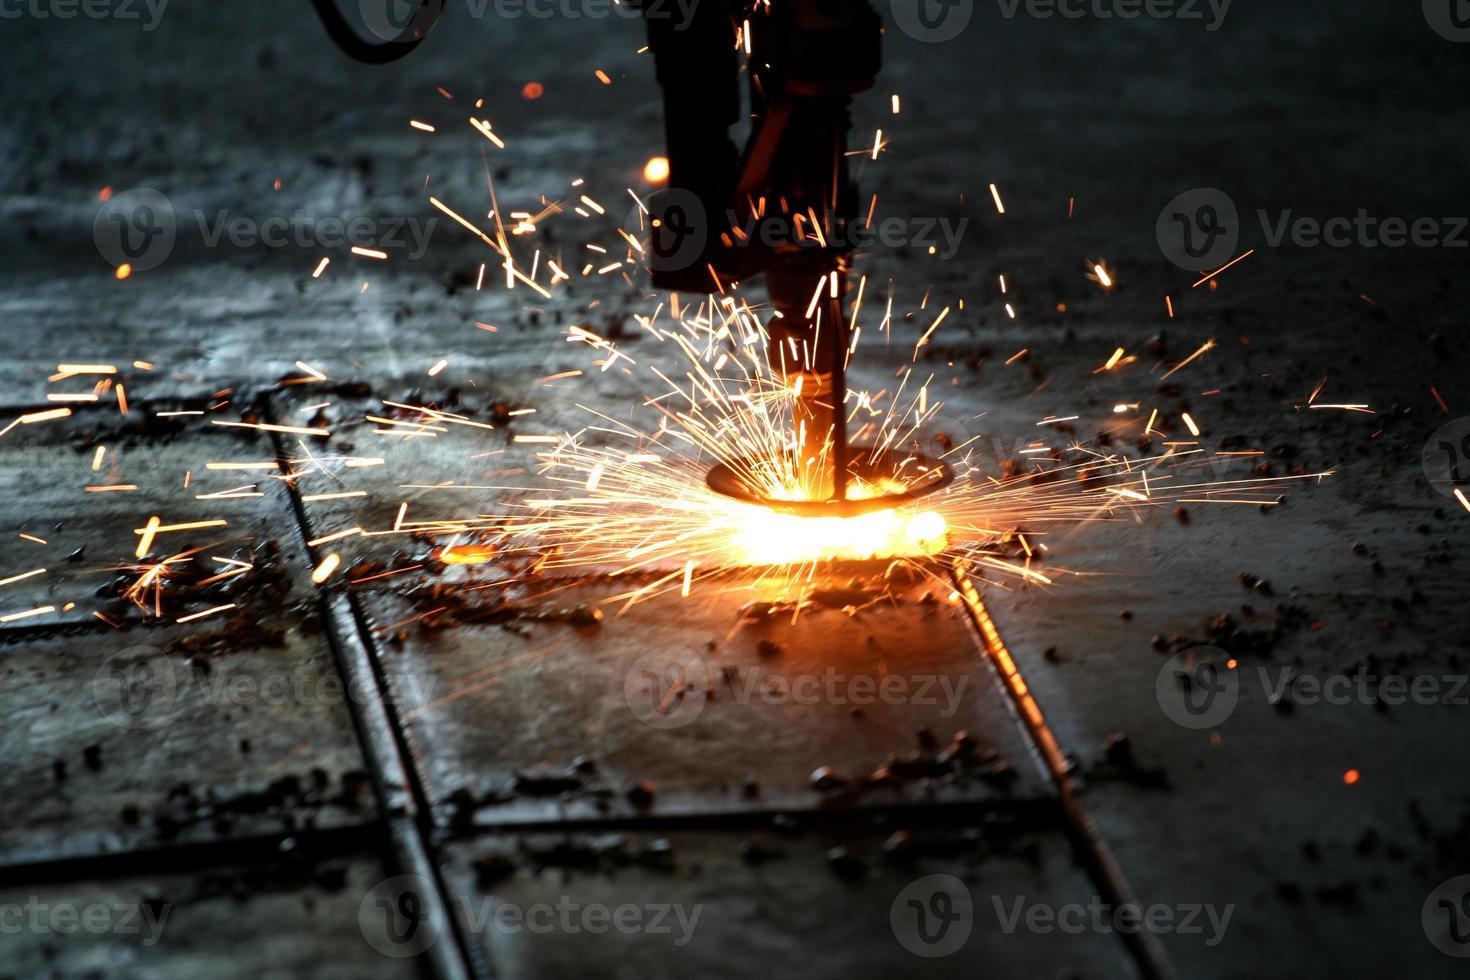 taglio laser industriale di metallo con scintille foto